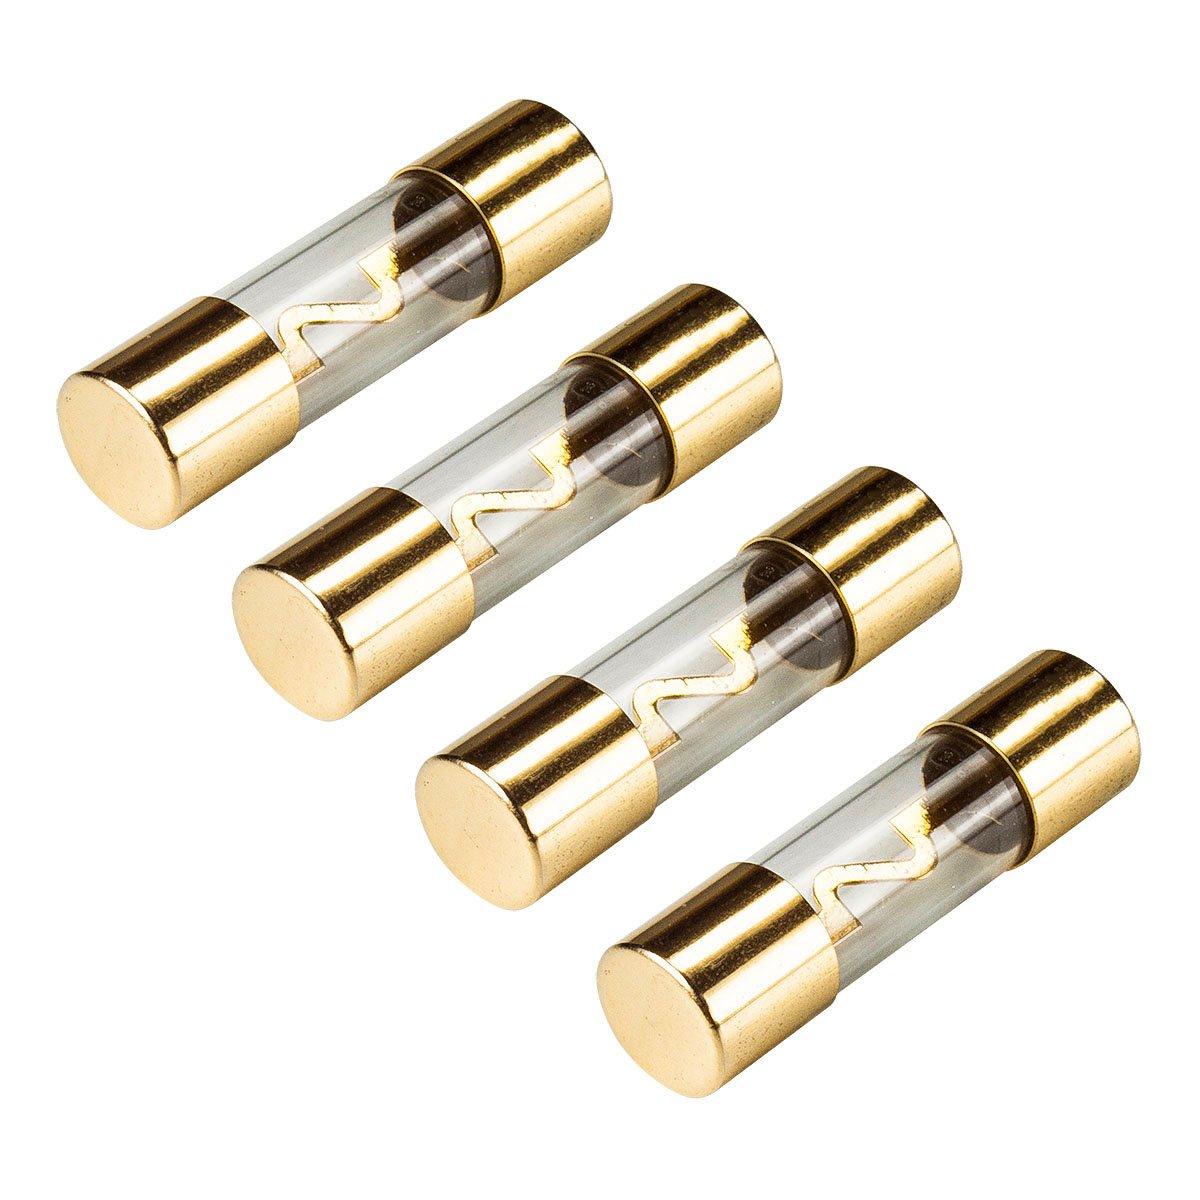 tomzz Audio 5800-015 KFZ AGU Sicherung Glas 80A, 10x38mm, vergoldete Kontakte, 4 Stü ck